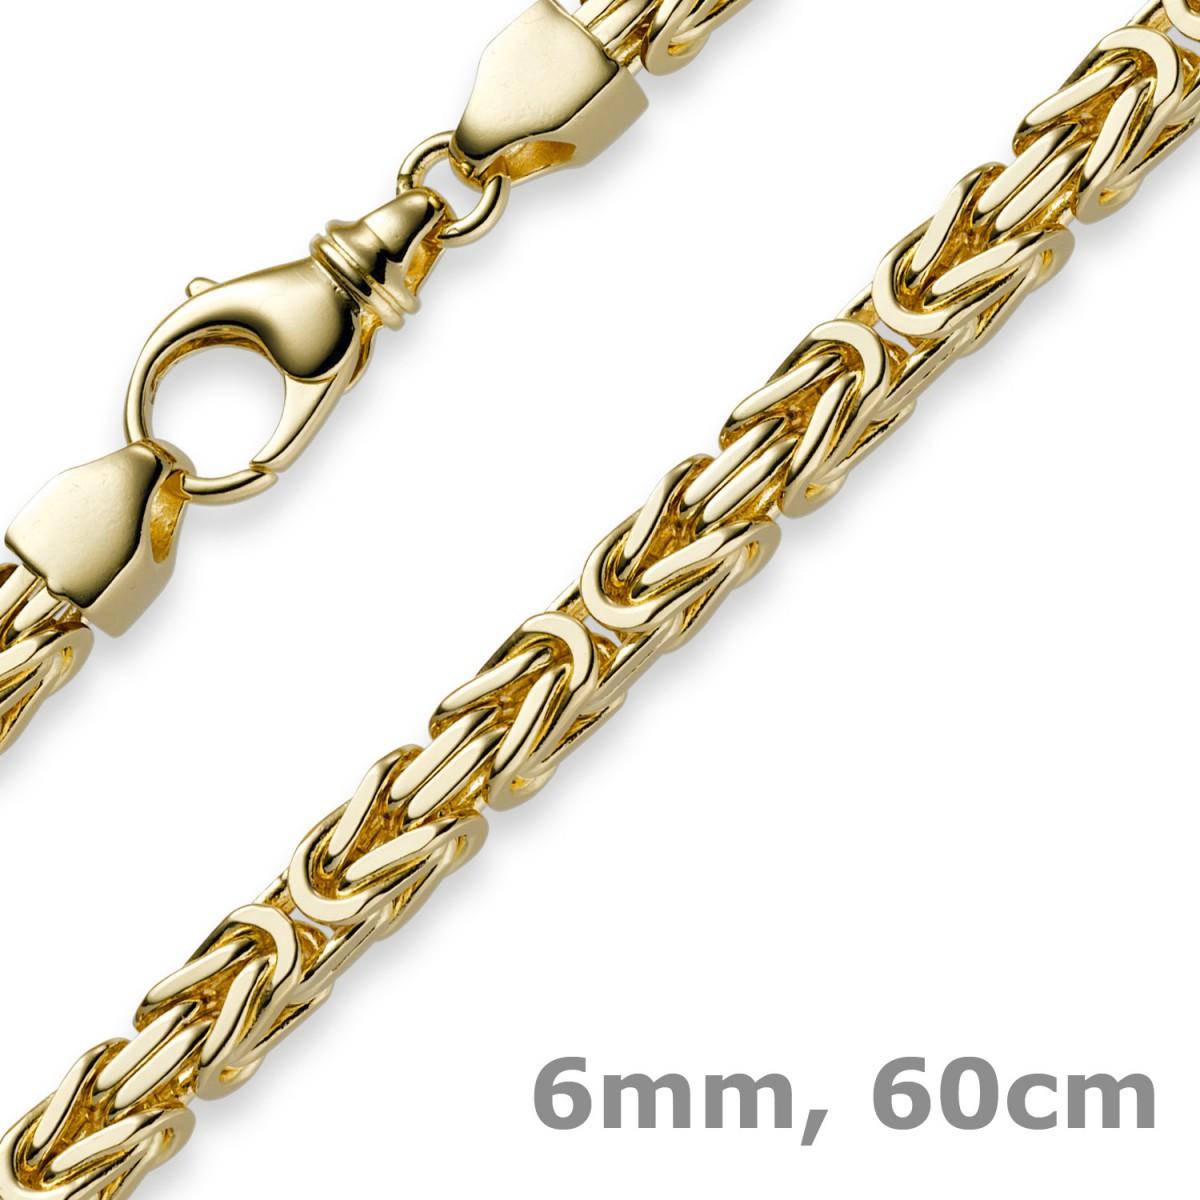 6mm kette halskette k nigskette aus 585 gold gelbgold 60cm. Black Bedroom Furniture Sets. Home Design Ideas